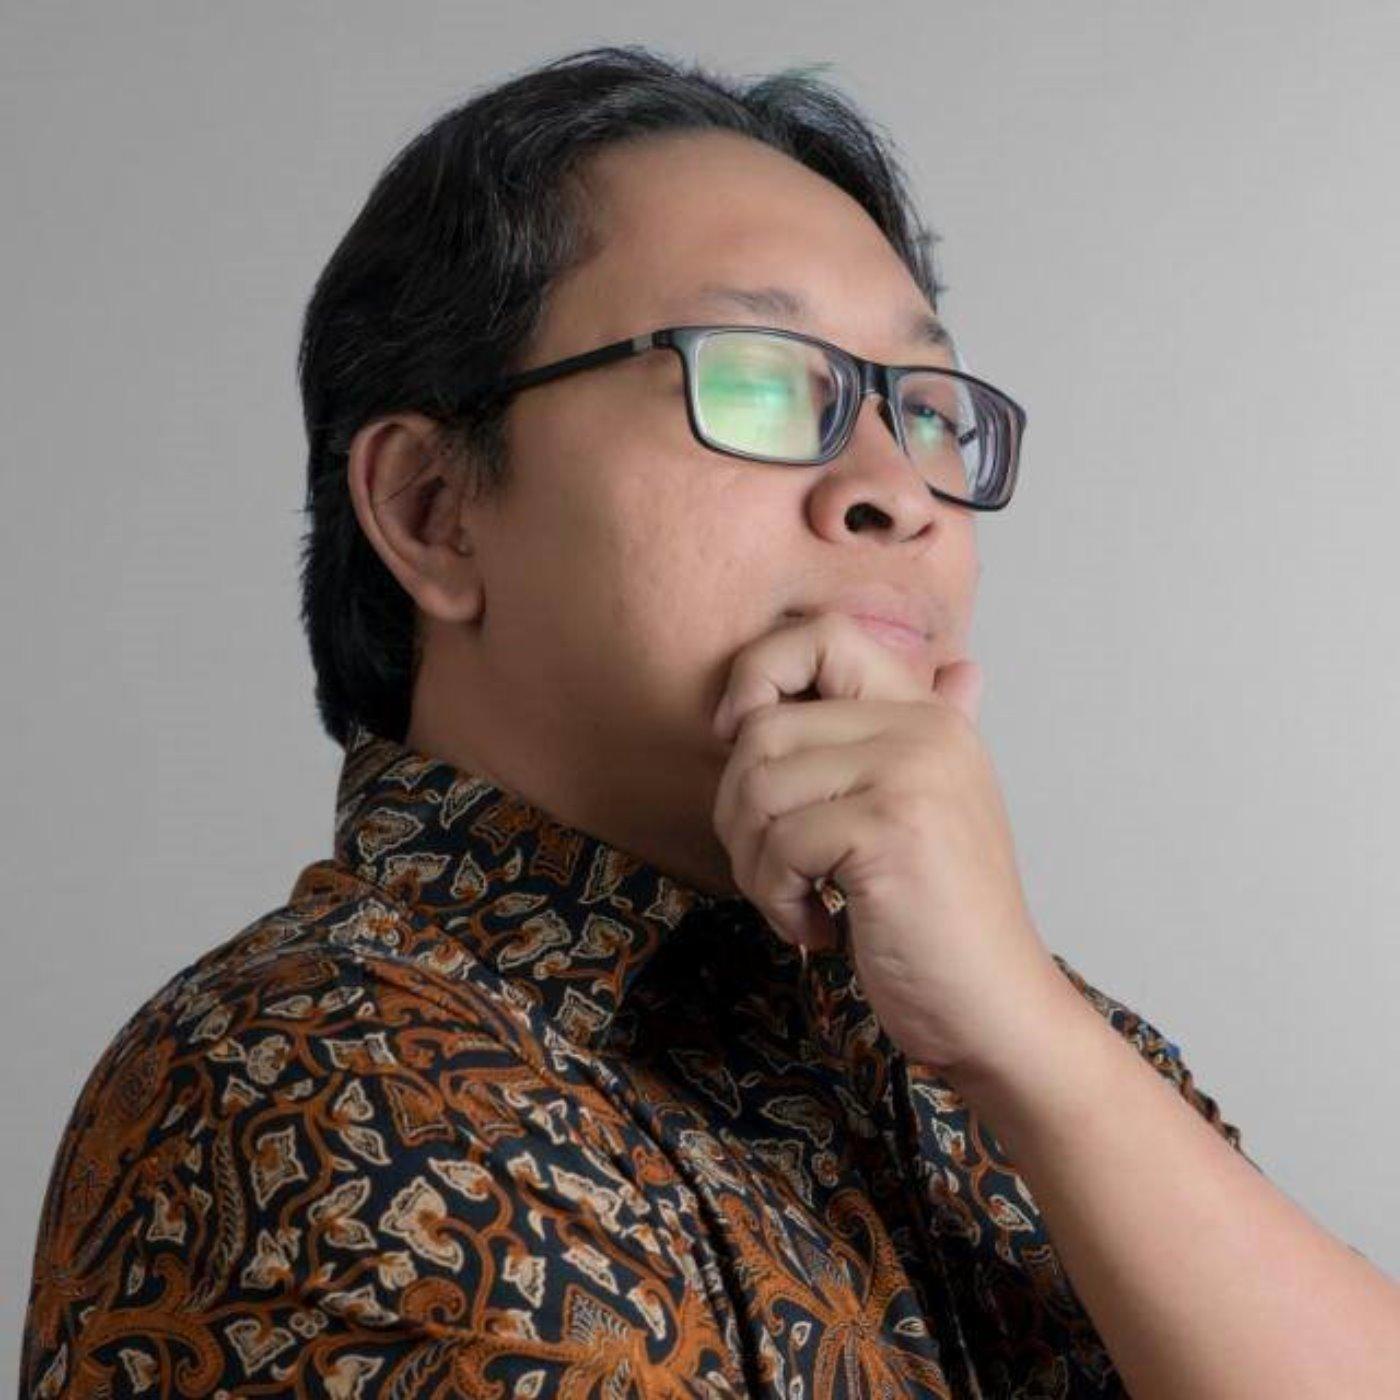 Pengalaman Orang Tua Dengan Anak Berkebutuhan Khusus (feat. Fajar Anugerah)